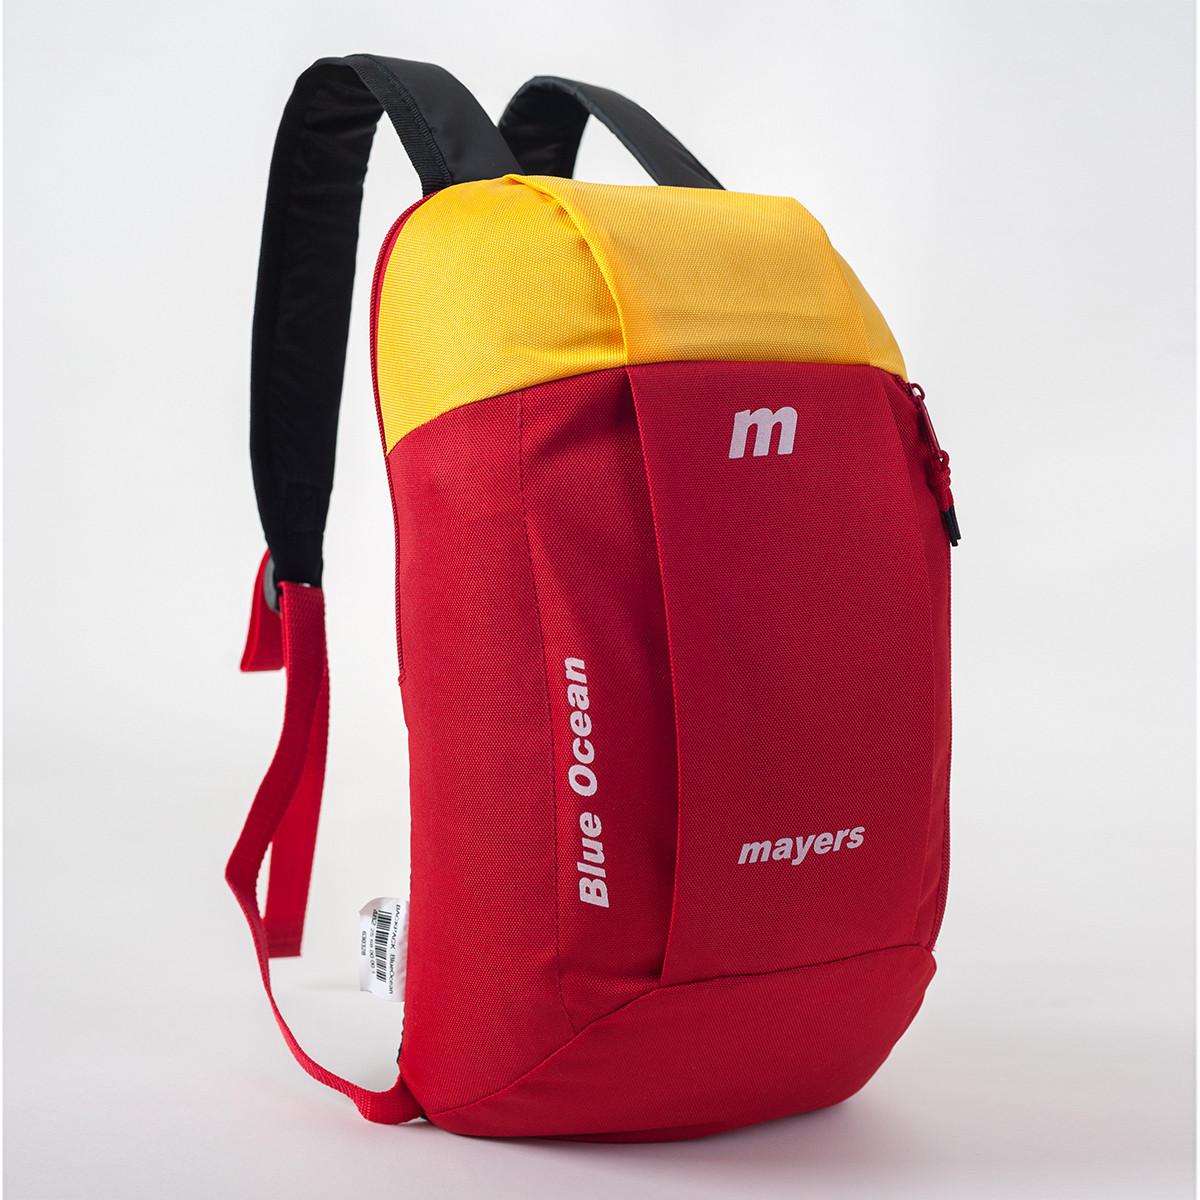 Спортивный рюкзак MAYERS 10L, красный + желтый, фото 2